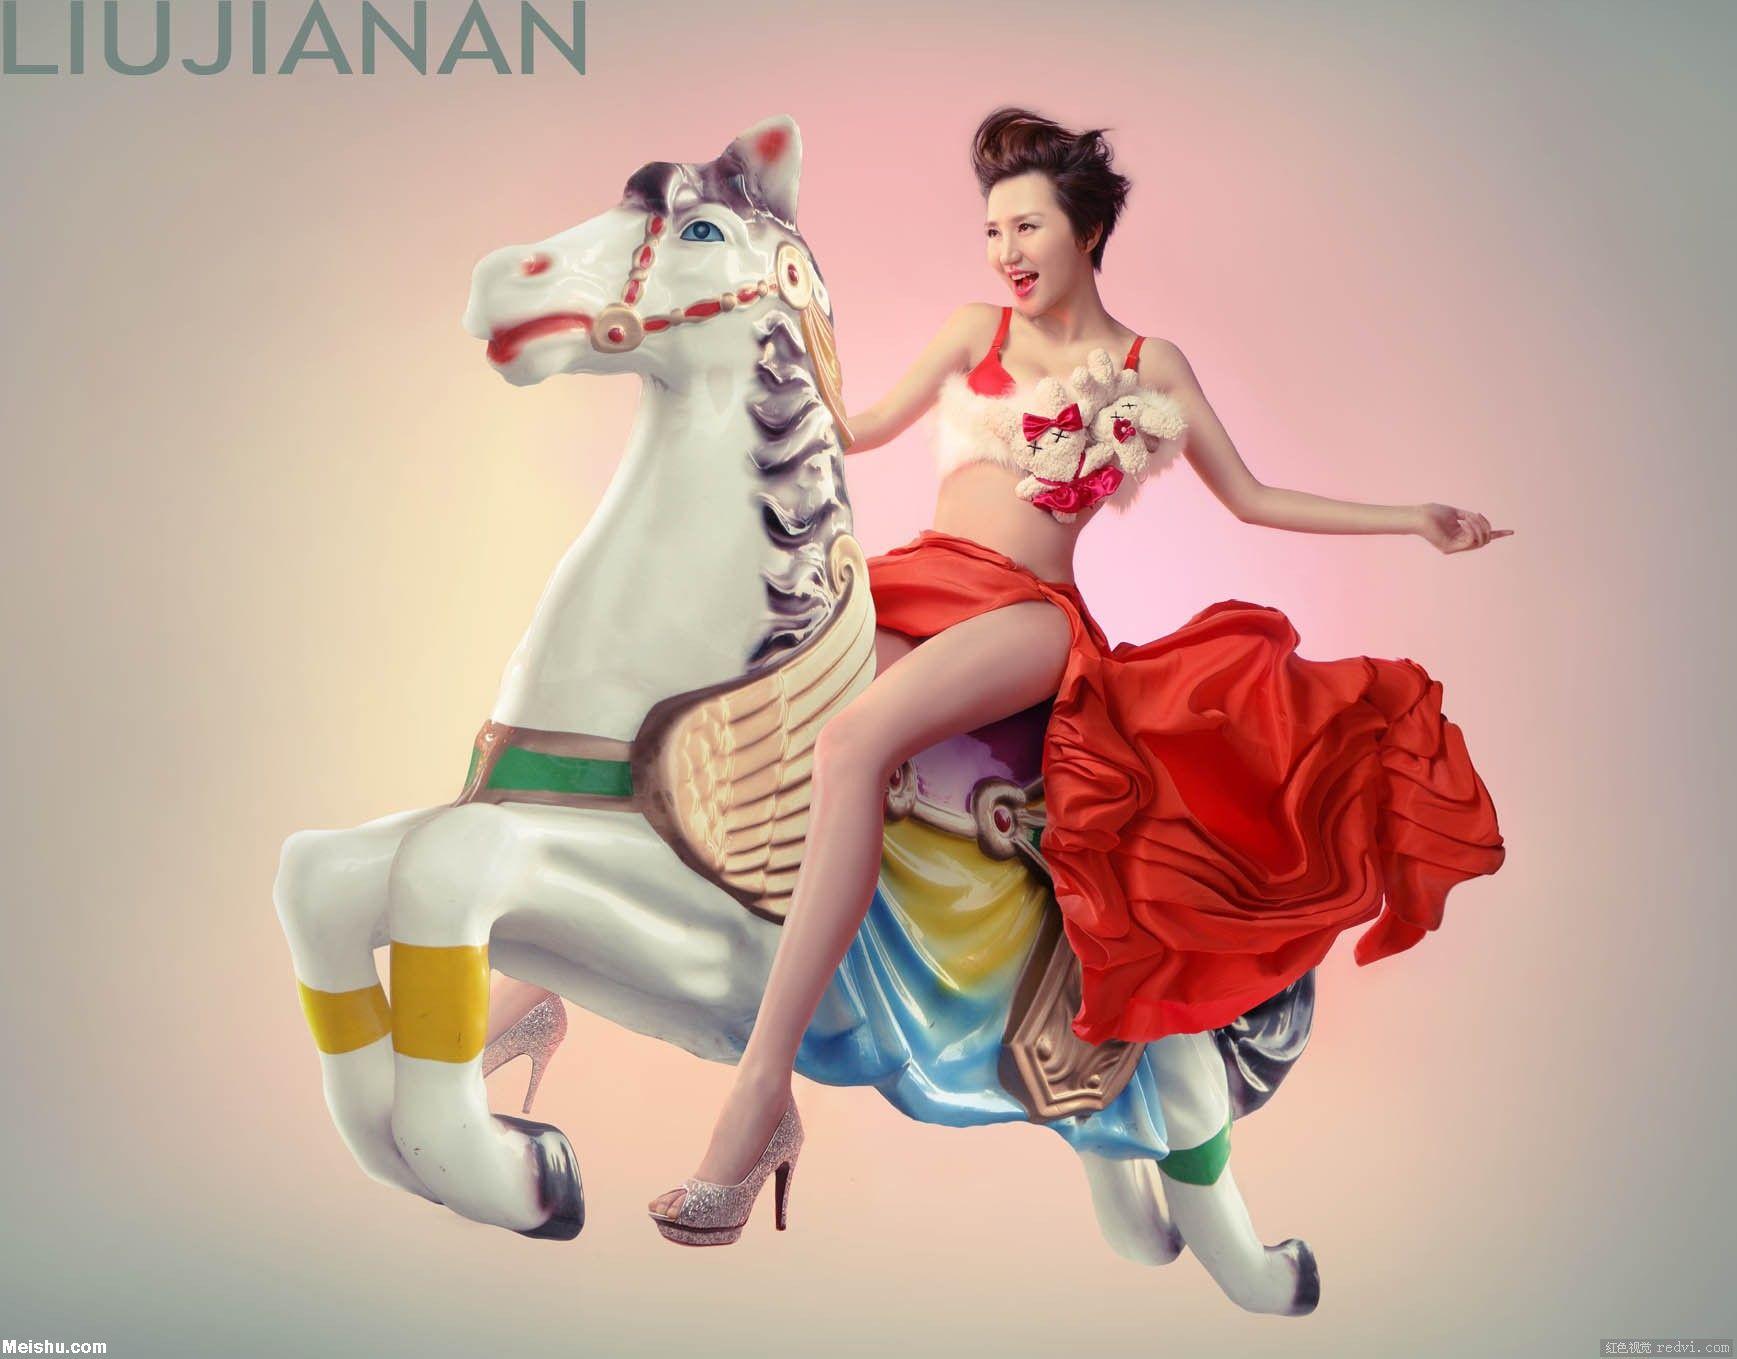 刘嘉楠时尚摄影:迷失的宝藏